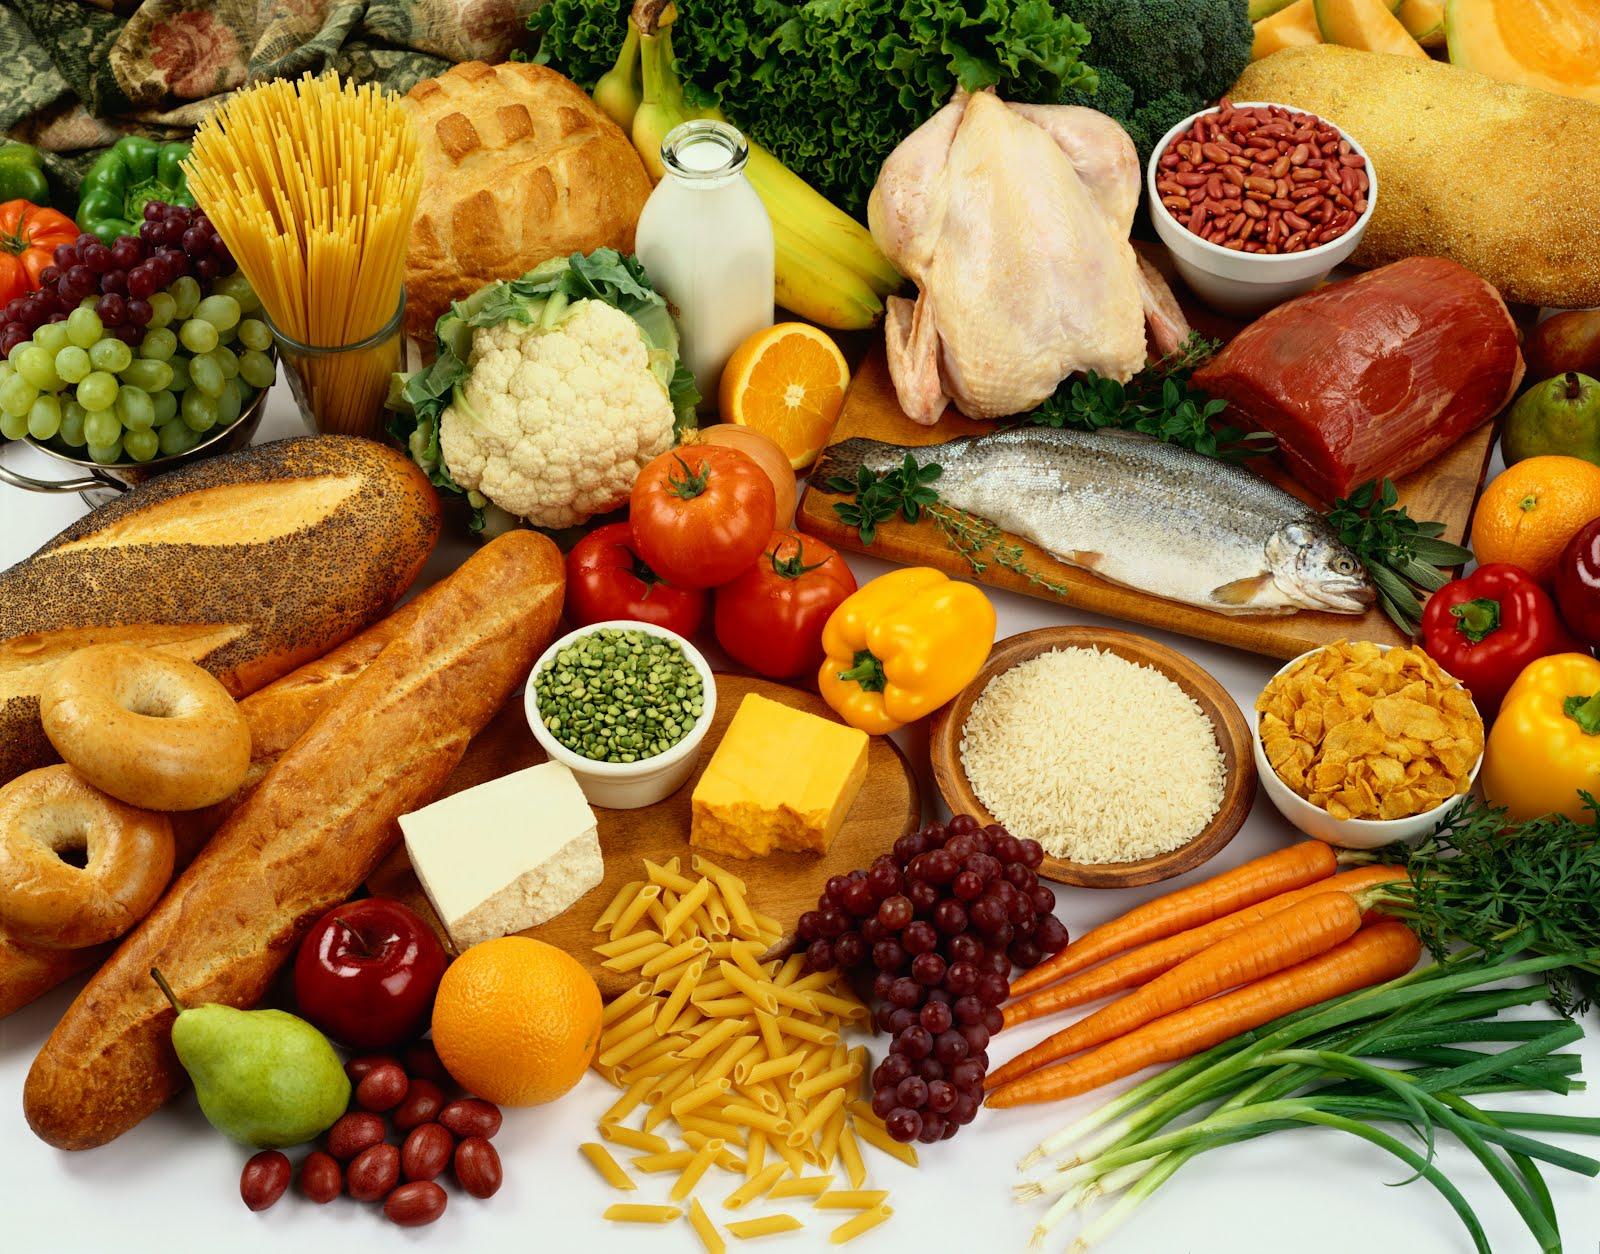 эксплуатации картинки с изображением продуктов питания точно такой фонарь